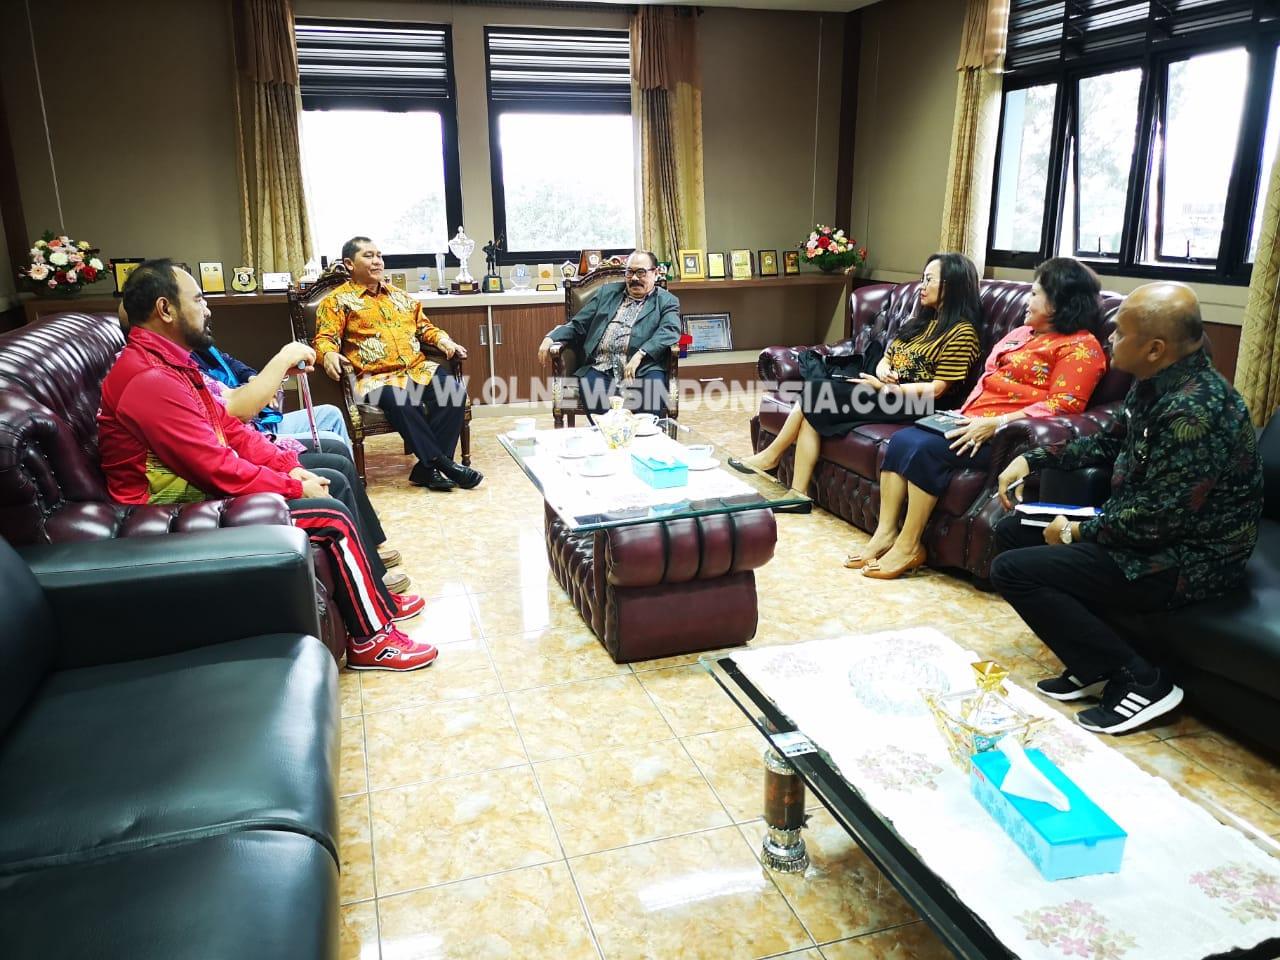 Ket foto : Bupati  dan wakil Bupati Karo Terima kehadiran Group TV Sibayak guna ber audensi di ruang kerja Bupati Karo, Jumat (09/11) 2018